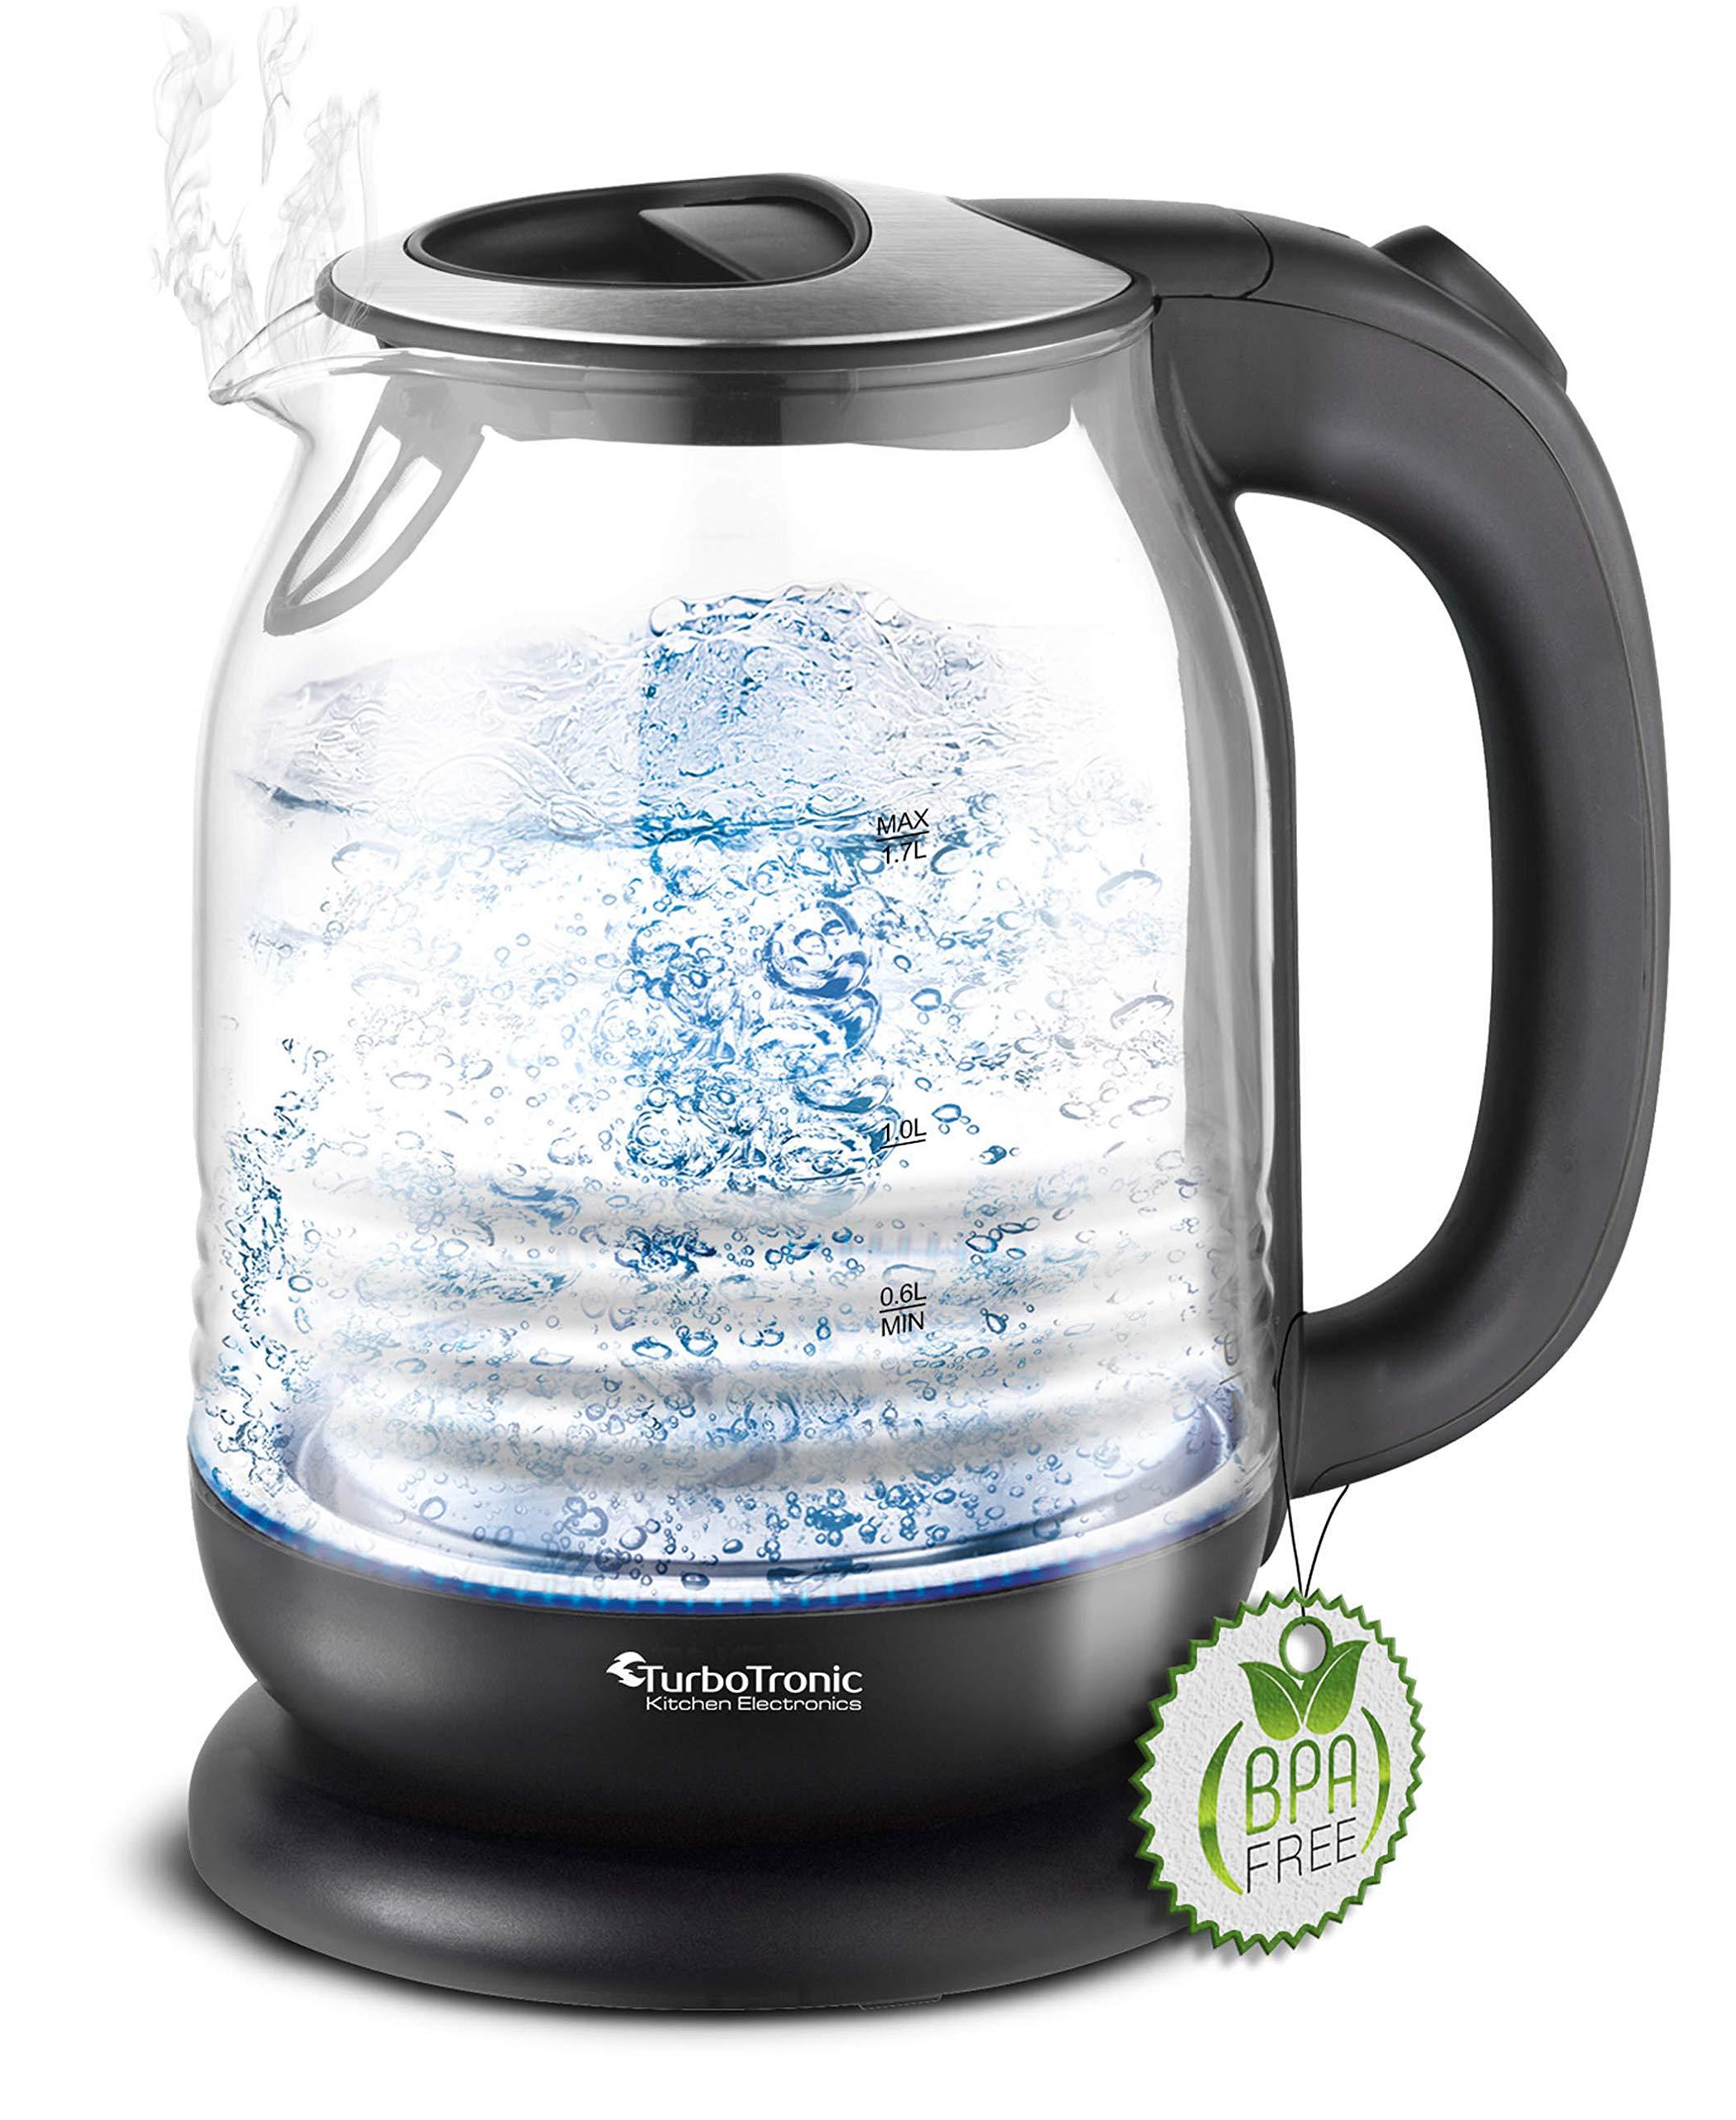 TurboTronic-Glas-Wasserkocher-17-Liter-mit-Kalkfilter-und-LED-Beleuchtung-Blau-innen-BPA-Frei-Leistung-2200-Watt